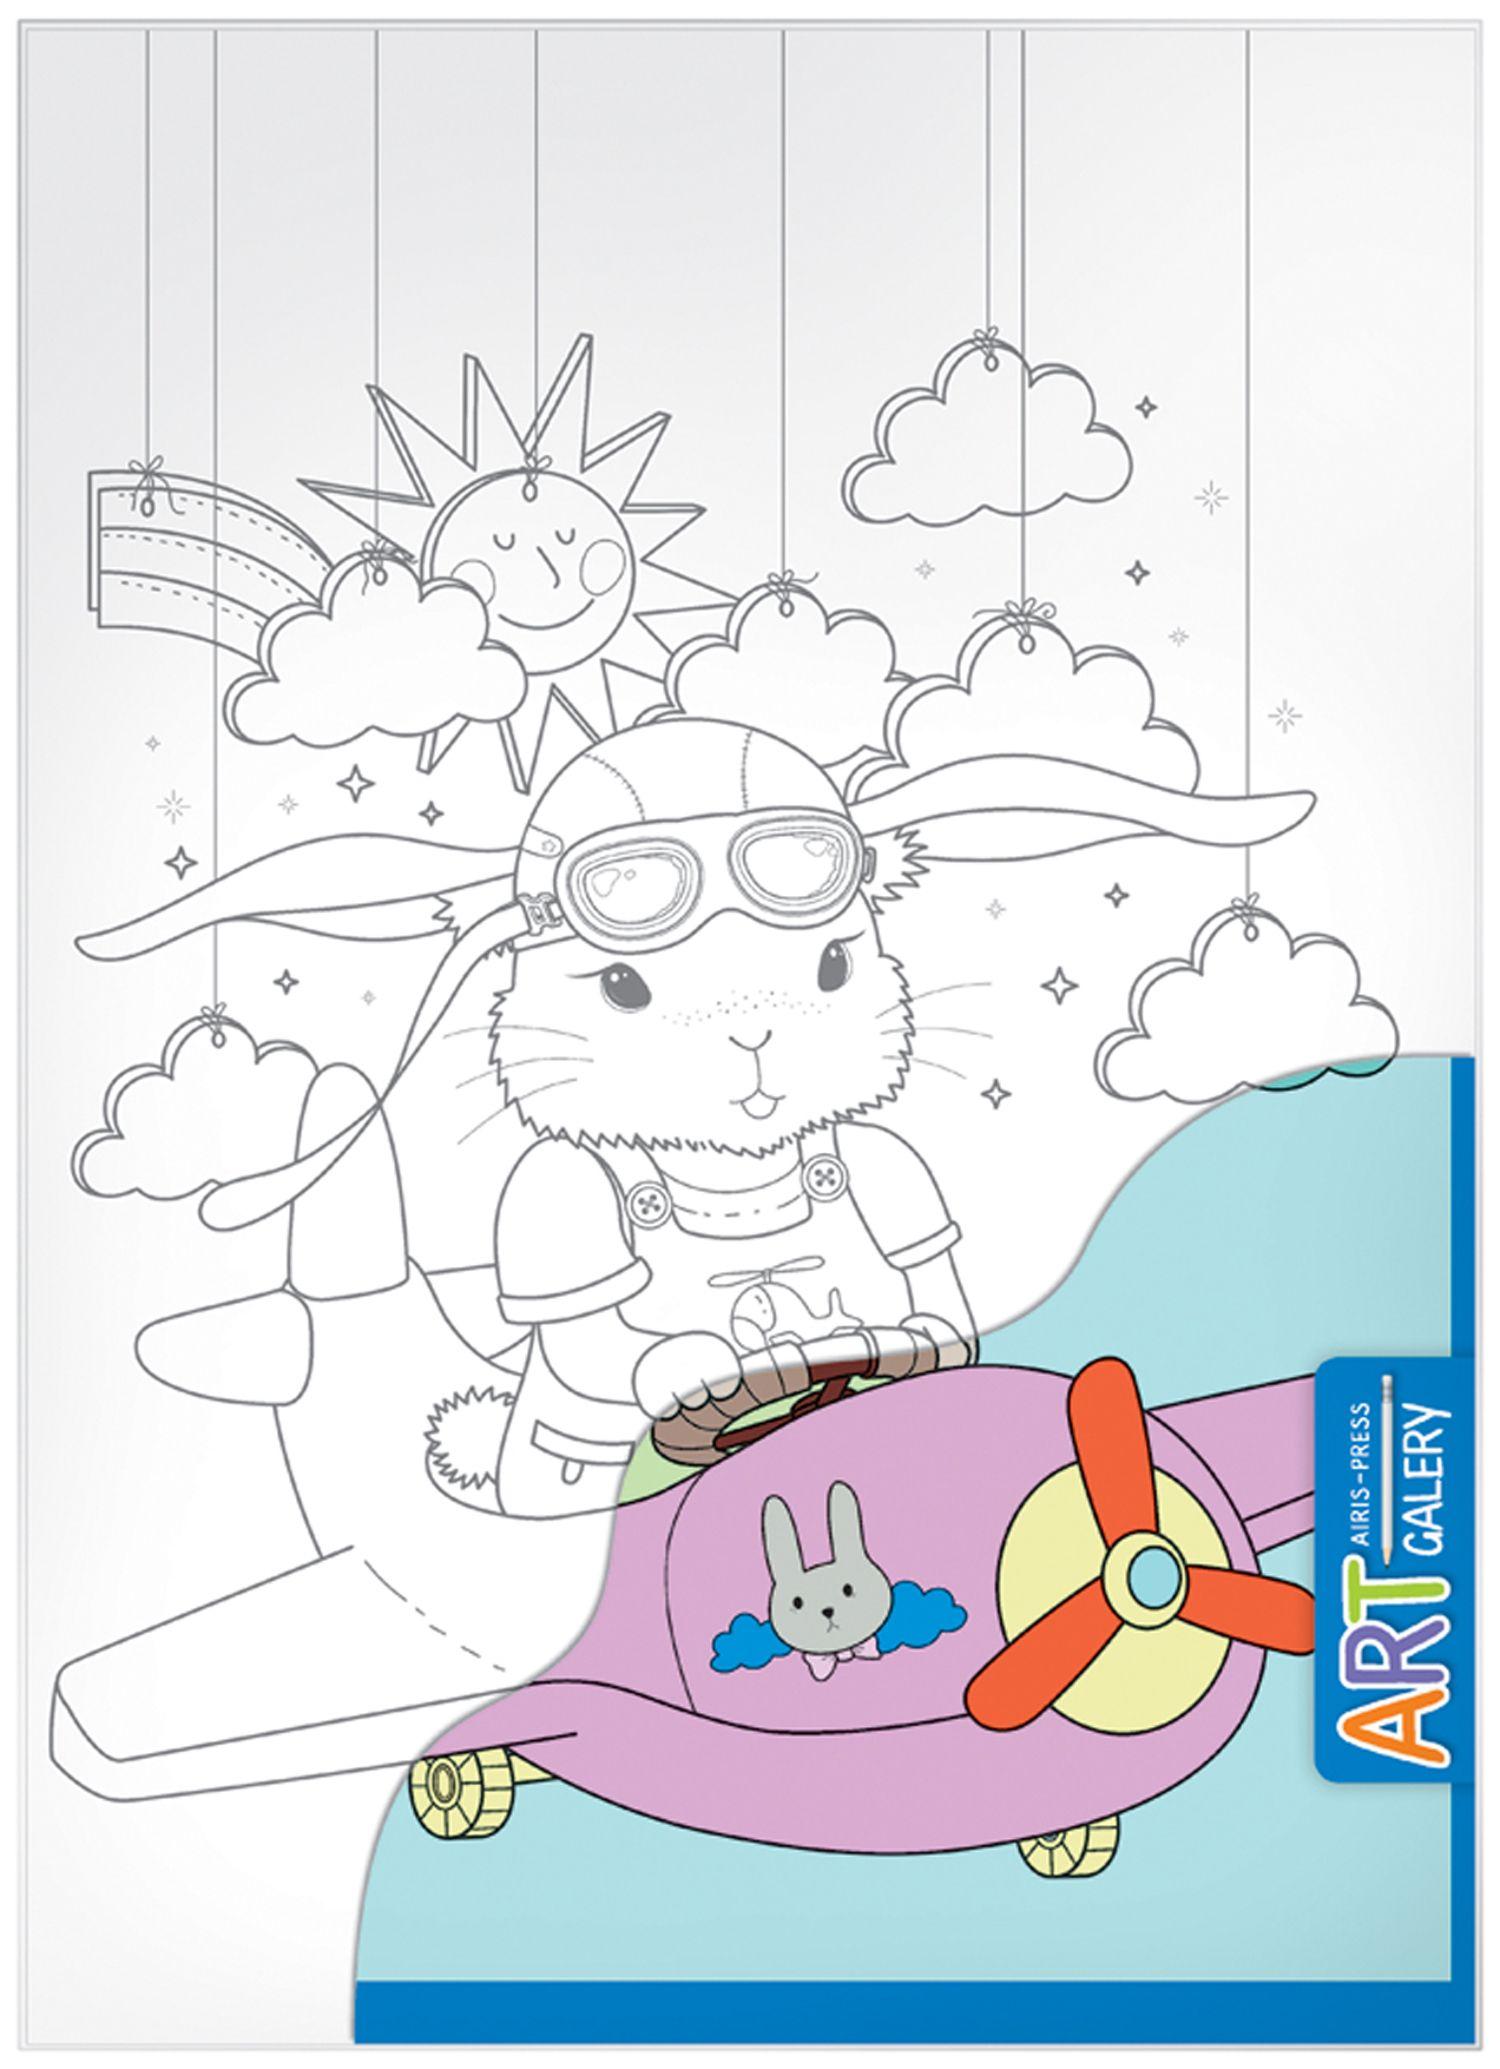 Картина для раскрашивания 23*32 Зайка-летчик